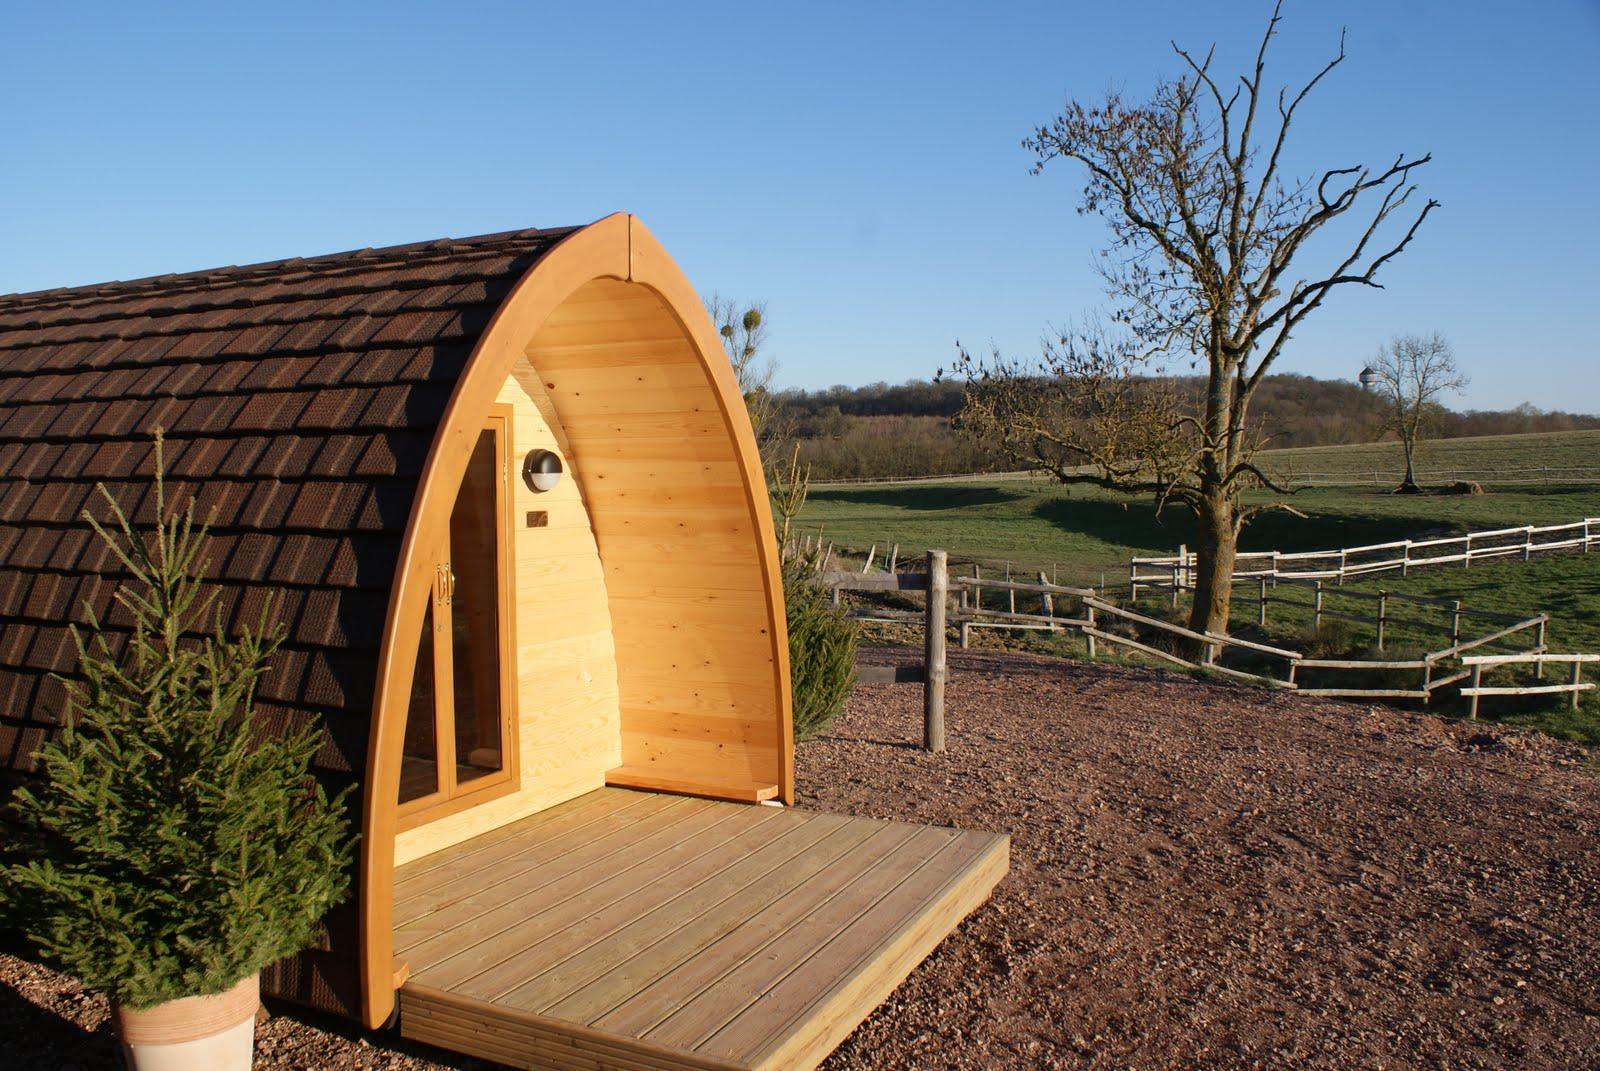 Casa di legno confortevole for Case di legno rumene